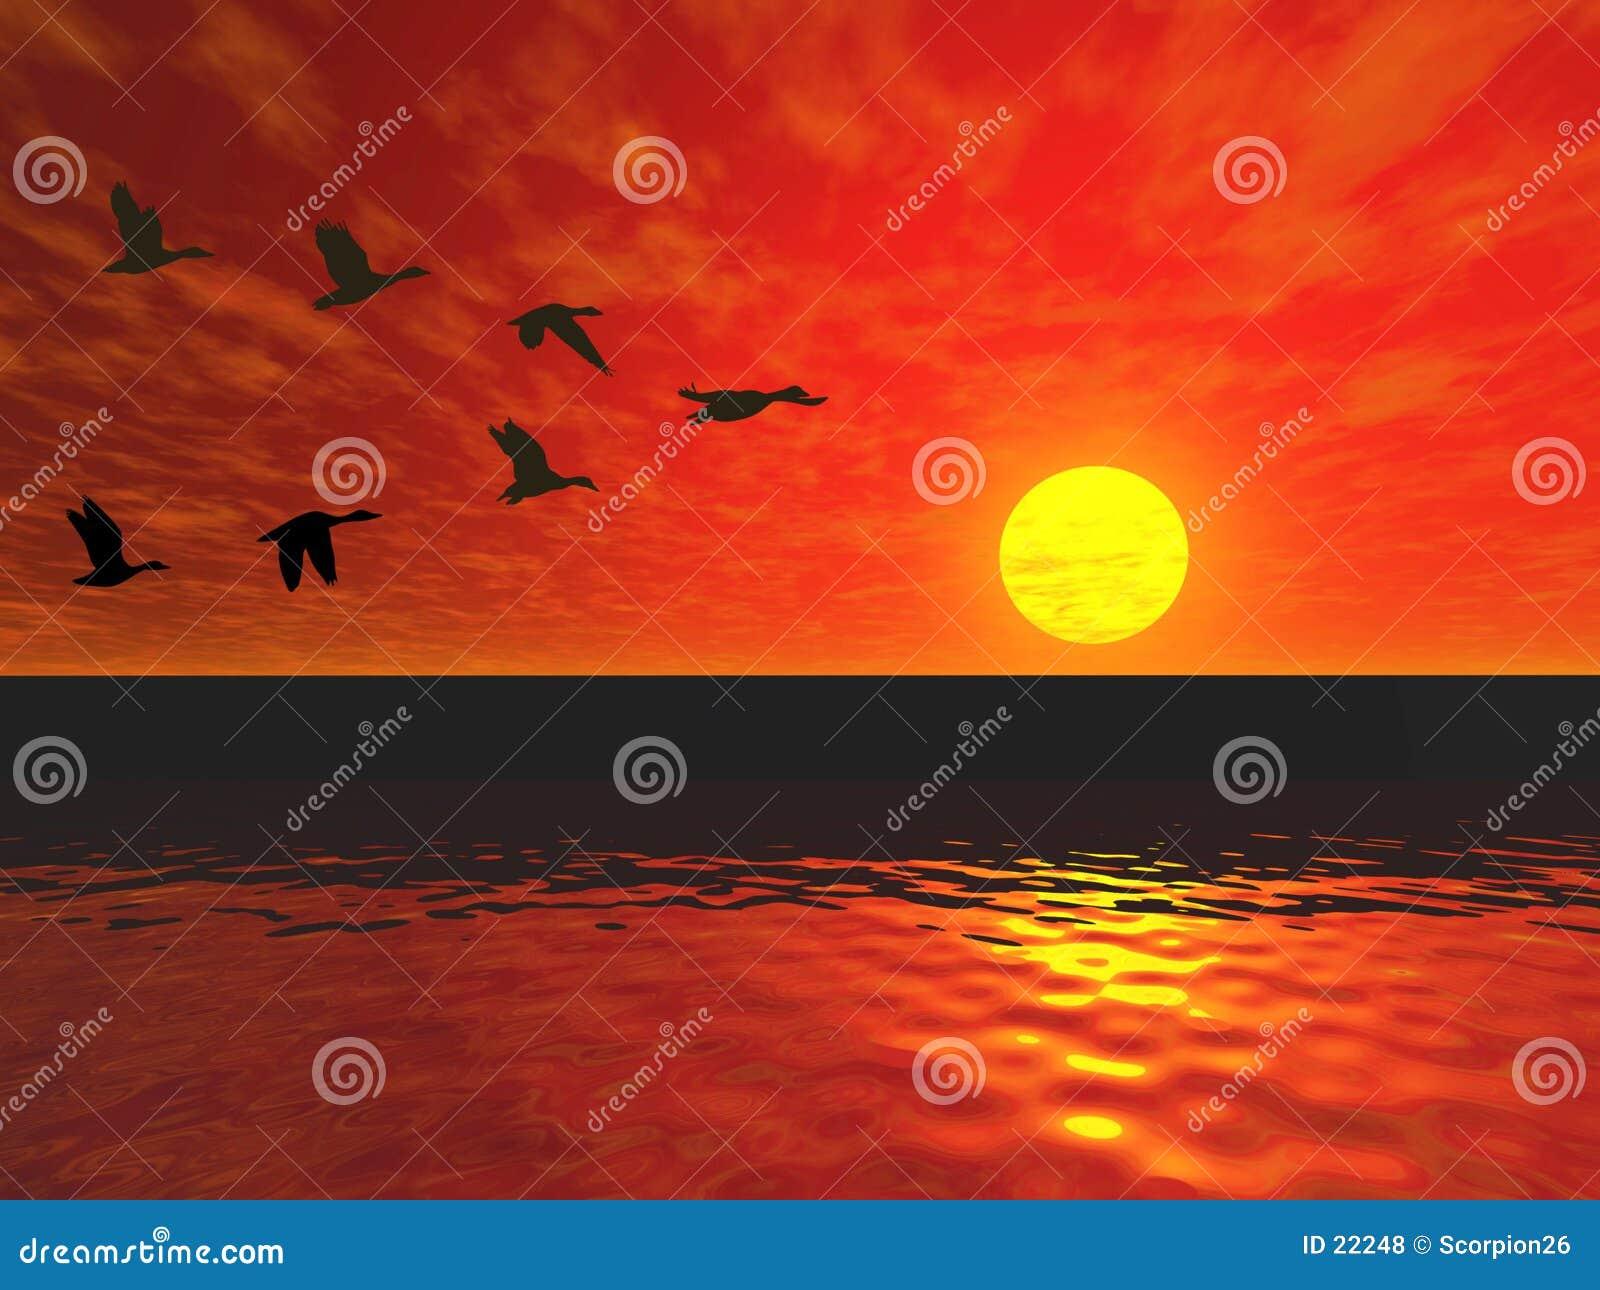 Download 鸭子飞行 库存例证. 插画 包括有 日落, 金黄, 剪影, 天空, 双翼飞机, 亮光, 敌意, 形成, 晒裂, 反映 - 22248